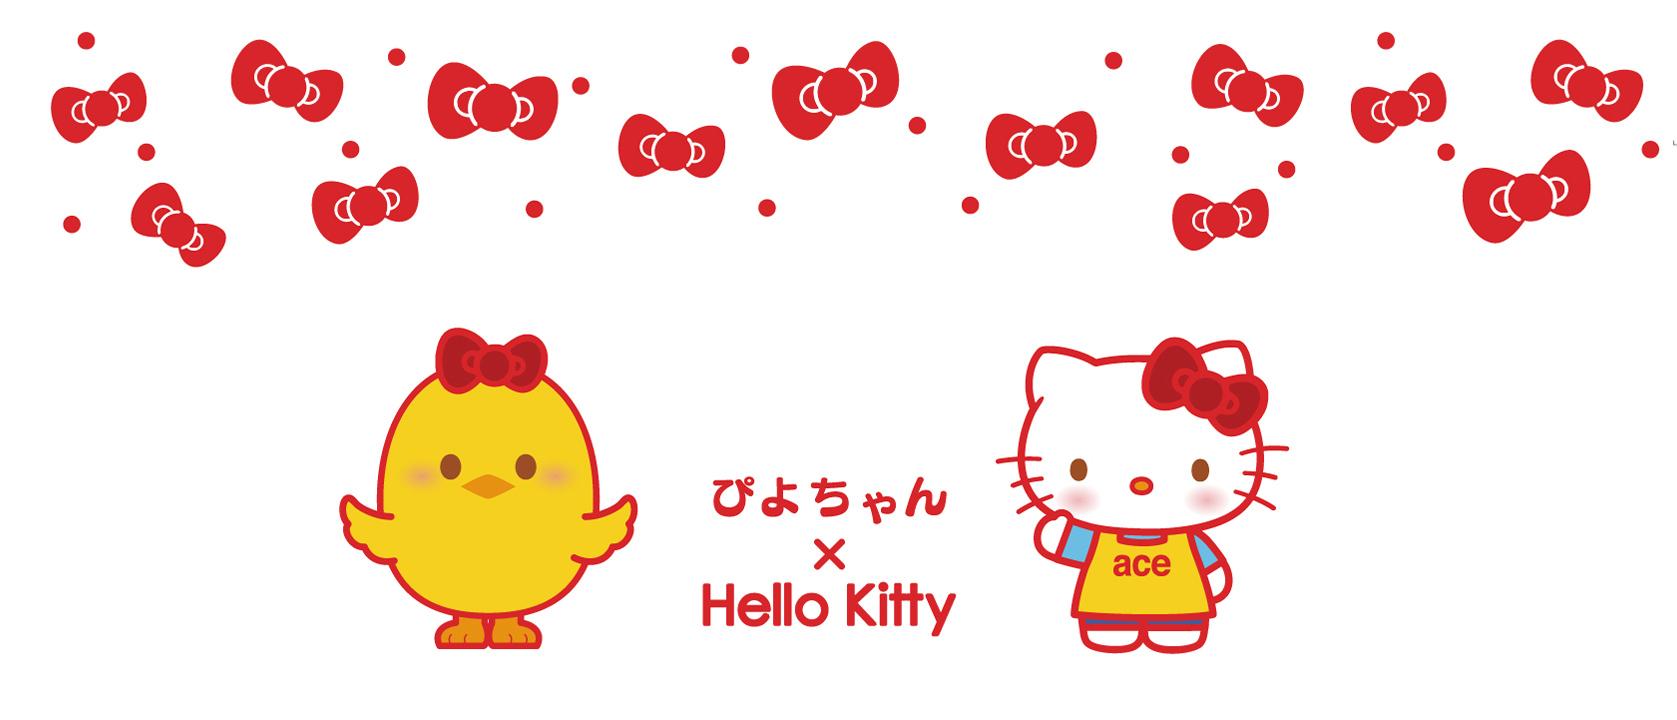 ぴよちゃん × Hello Kitty